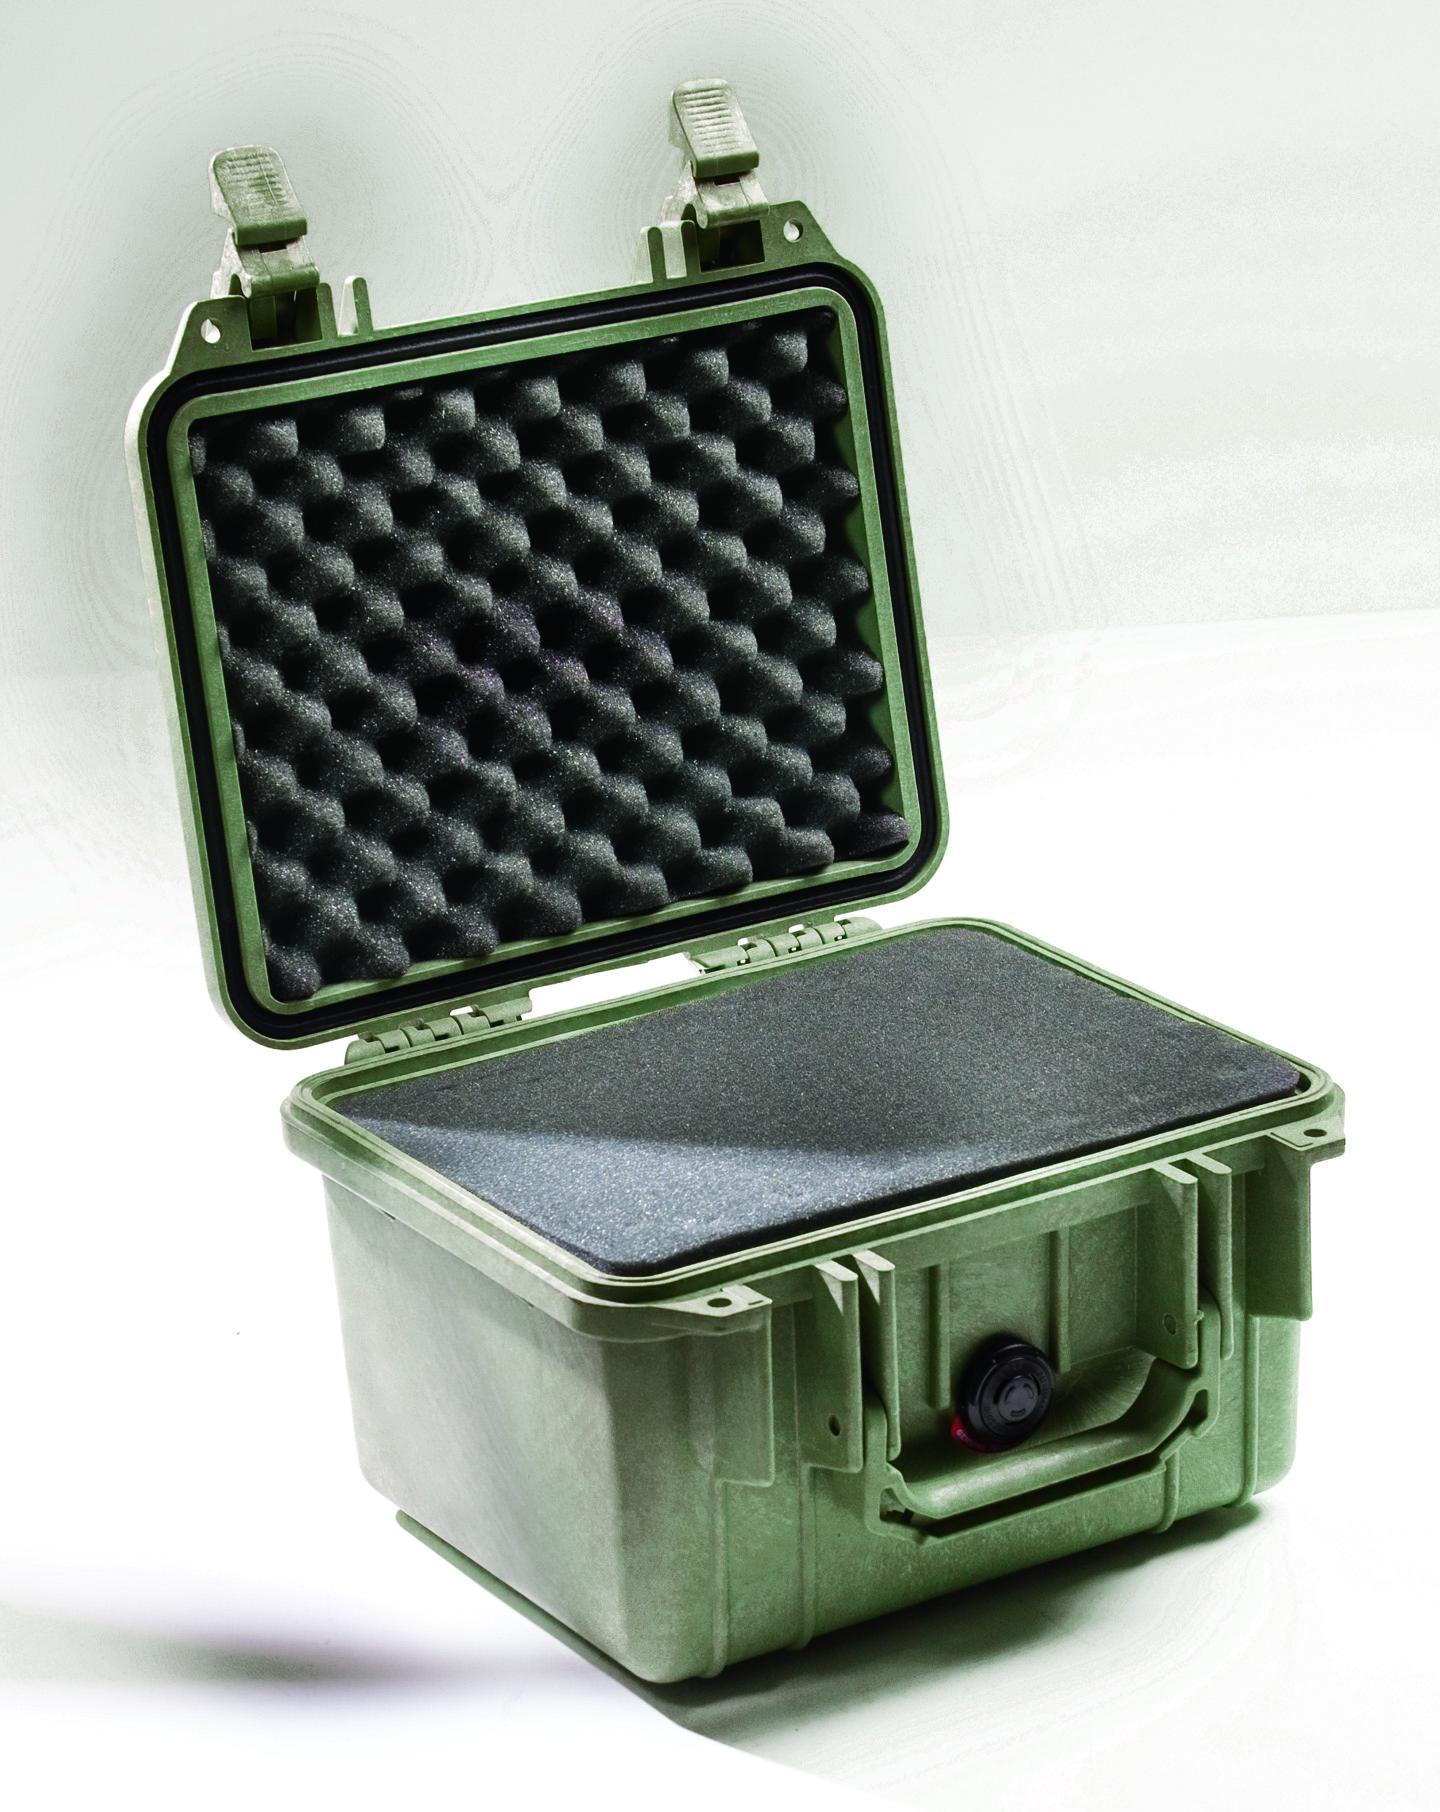 1300 - Pelican 1300 Small Pelican Case